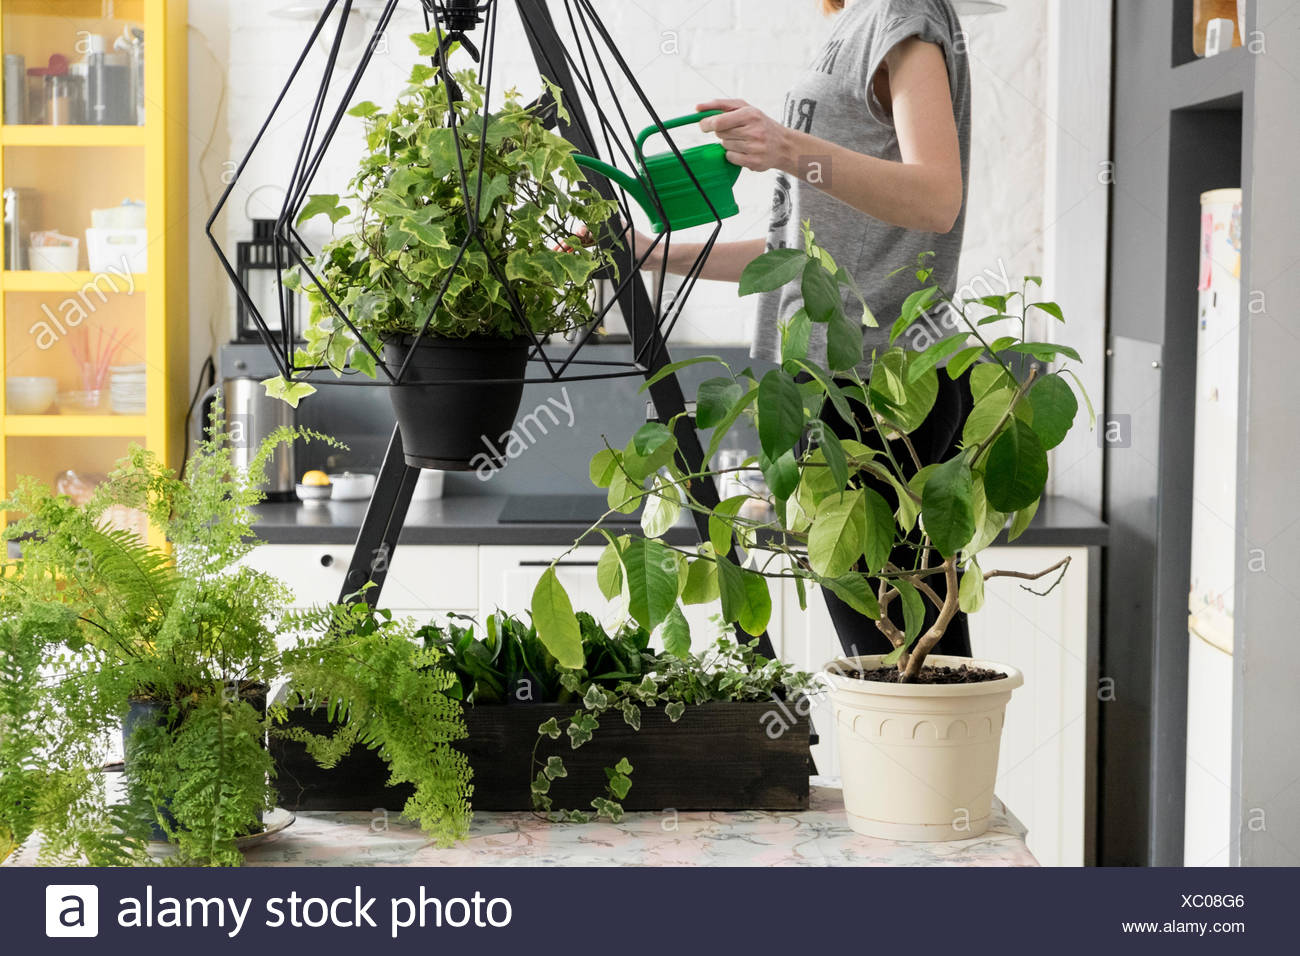 Mittelteil Der Frau Bewasserung Hangende Efeu Pflanze In Kuche Stockfotografie Alamy